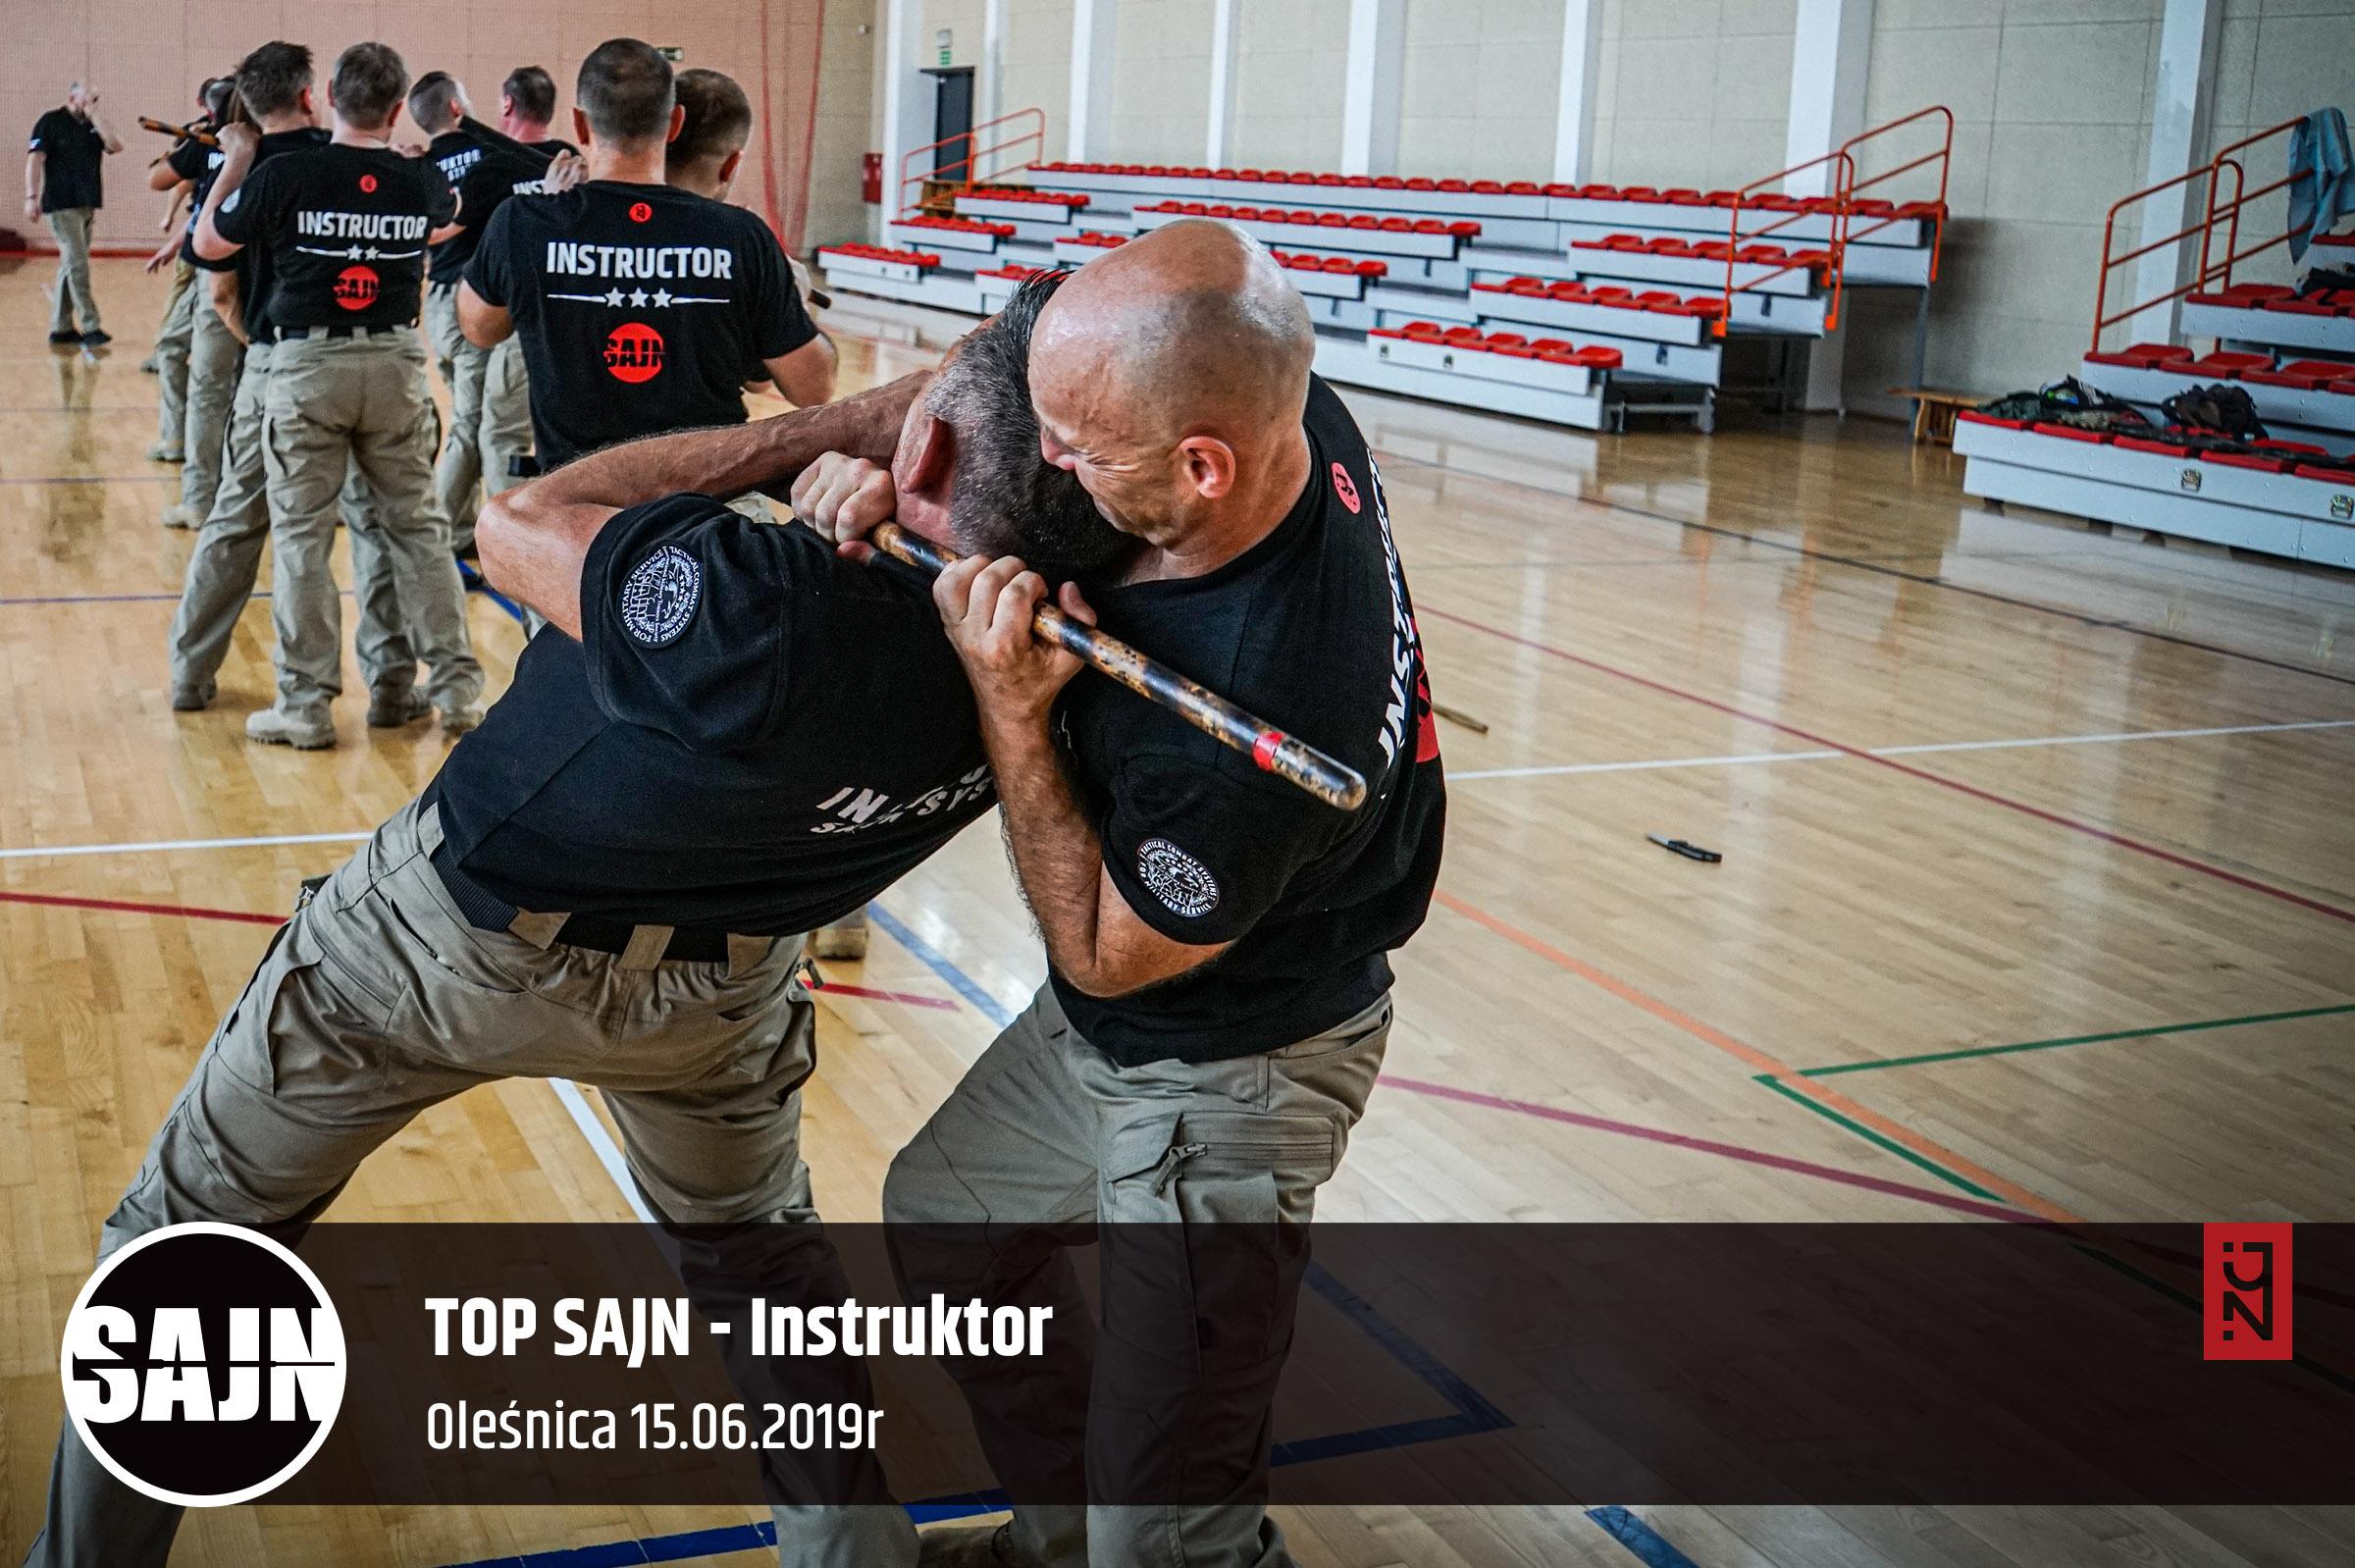 jan nycek_sajn_szkolenie dla sluzb mundurowych_palka teleskopowa_walka nozem_20.jpg